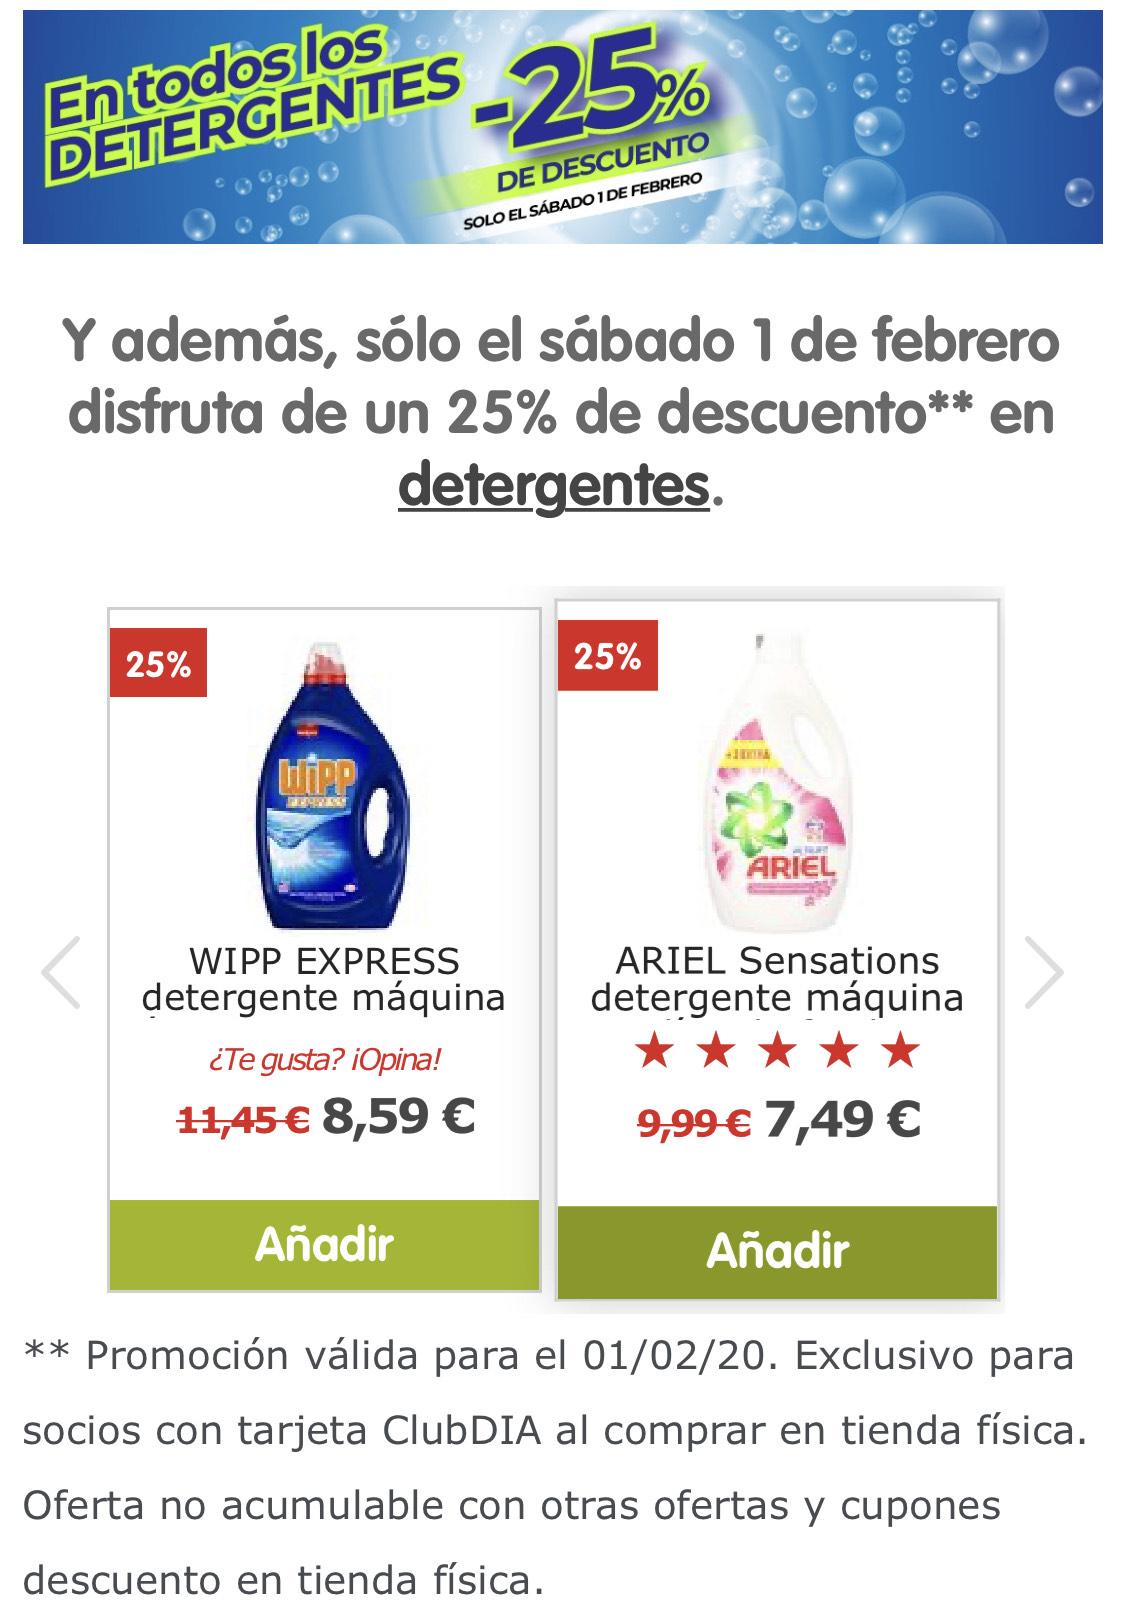 25% de Descuento en Detergentes para Socios Club DIA%